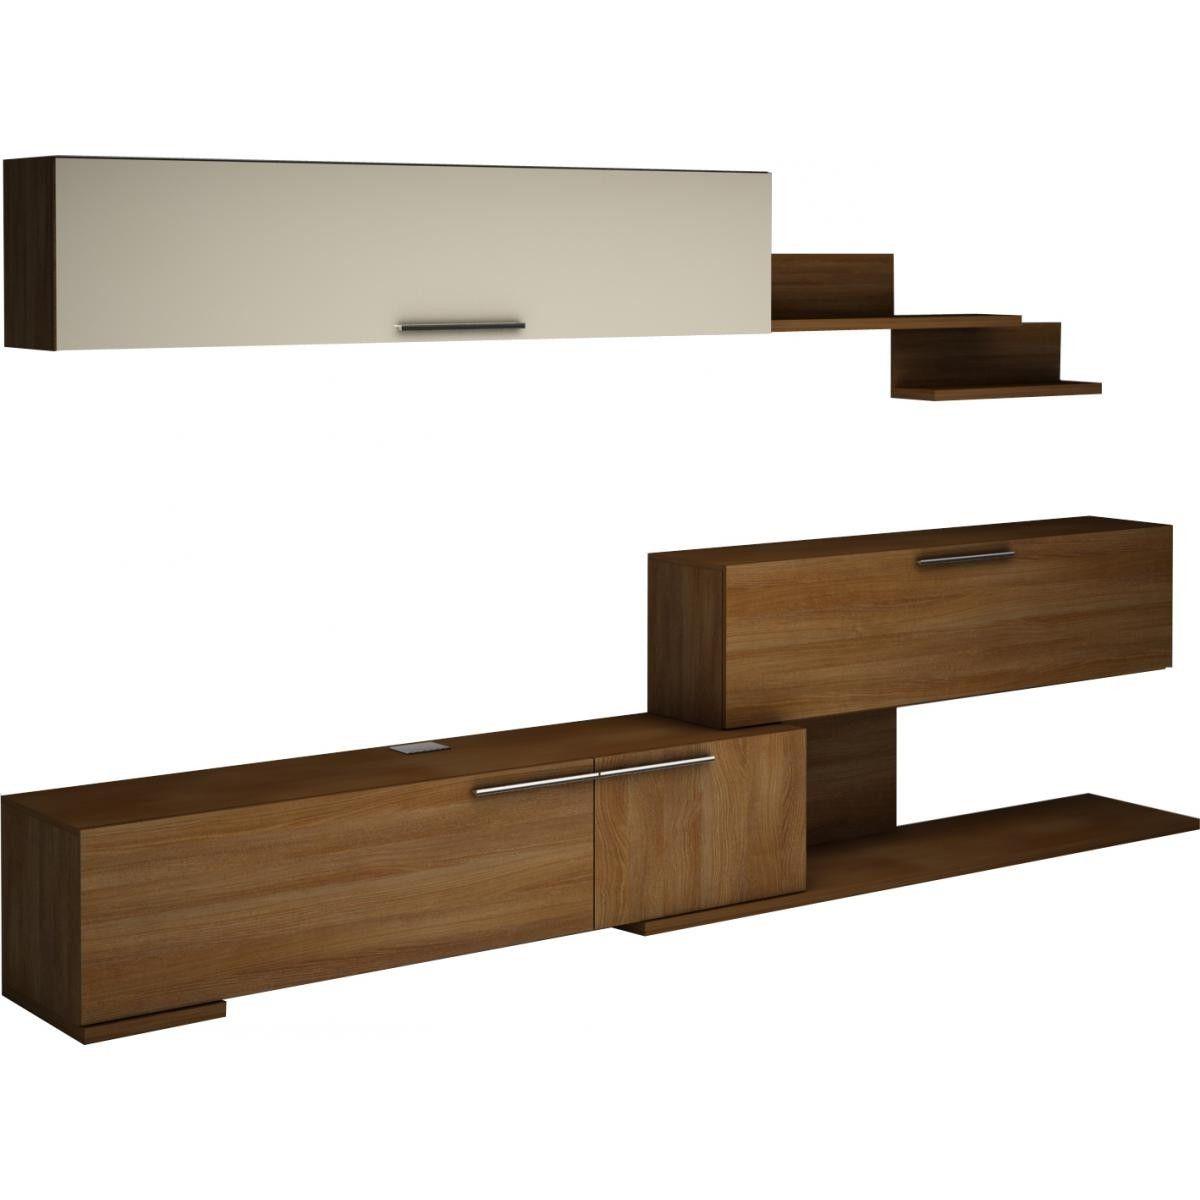 Compacto Tv Neo En Conforama 399 Euros Cosas Para Ponerse  # Table Television Conforama